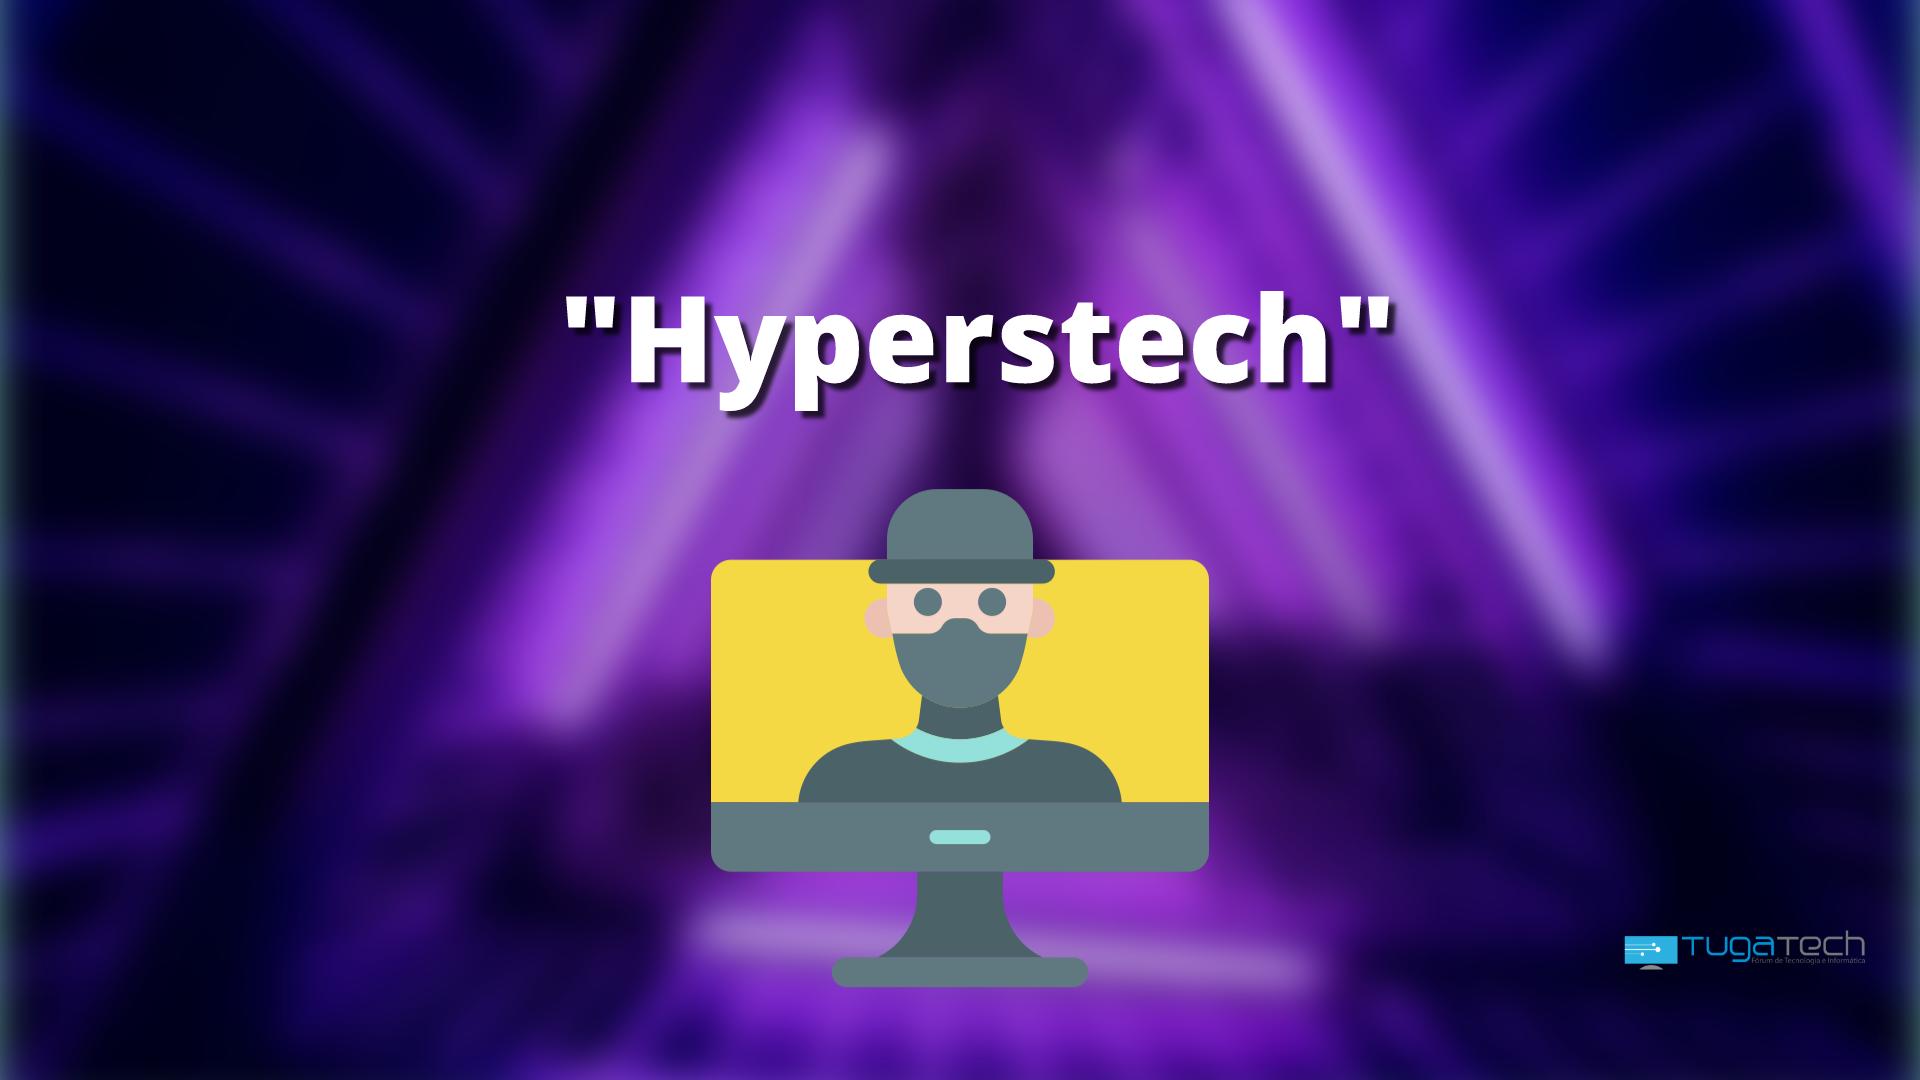 Hyperstech